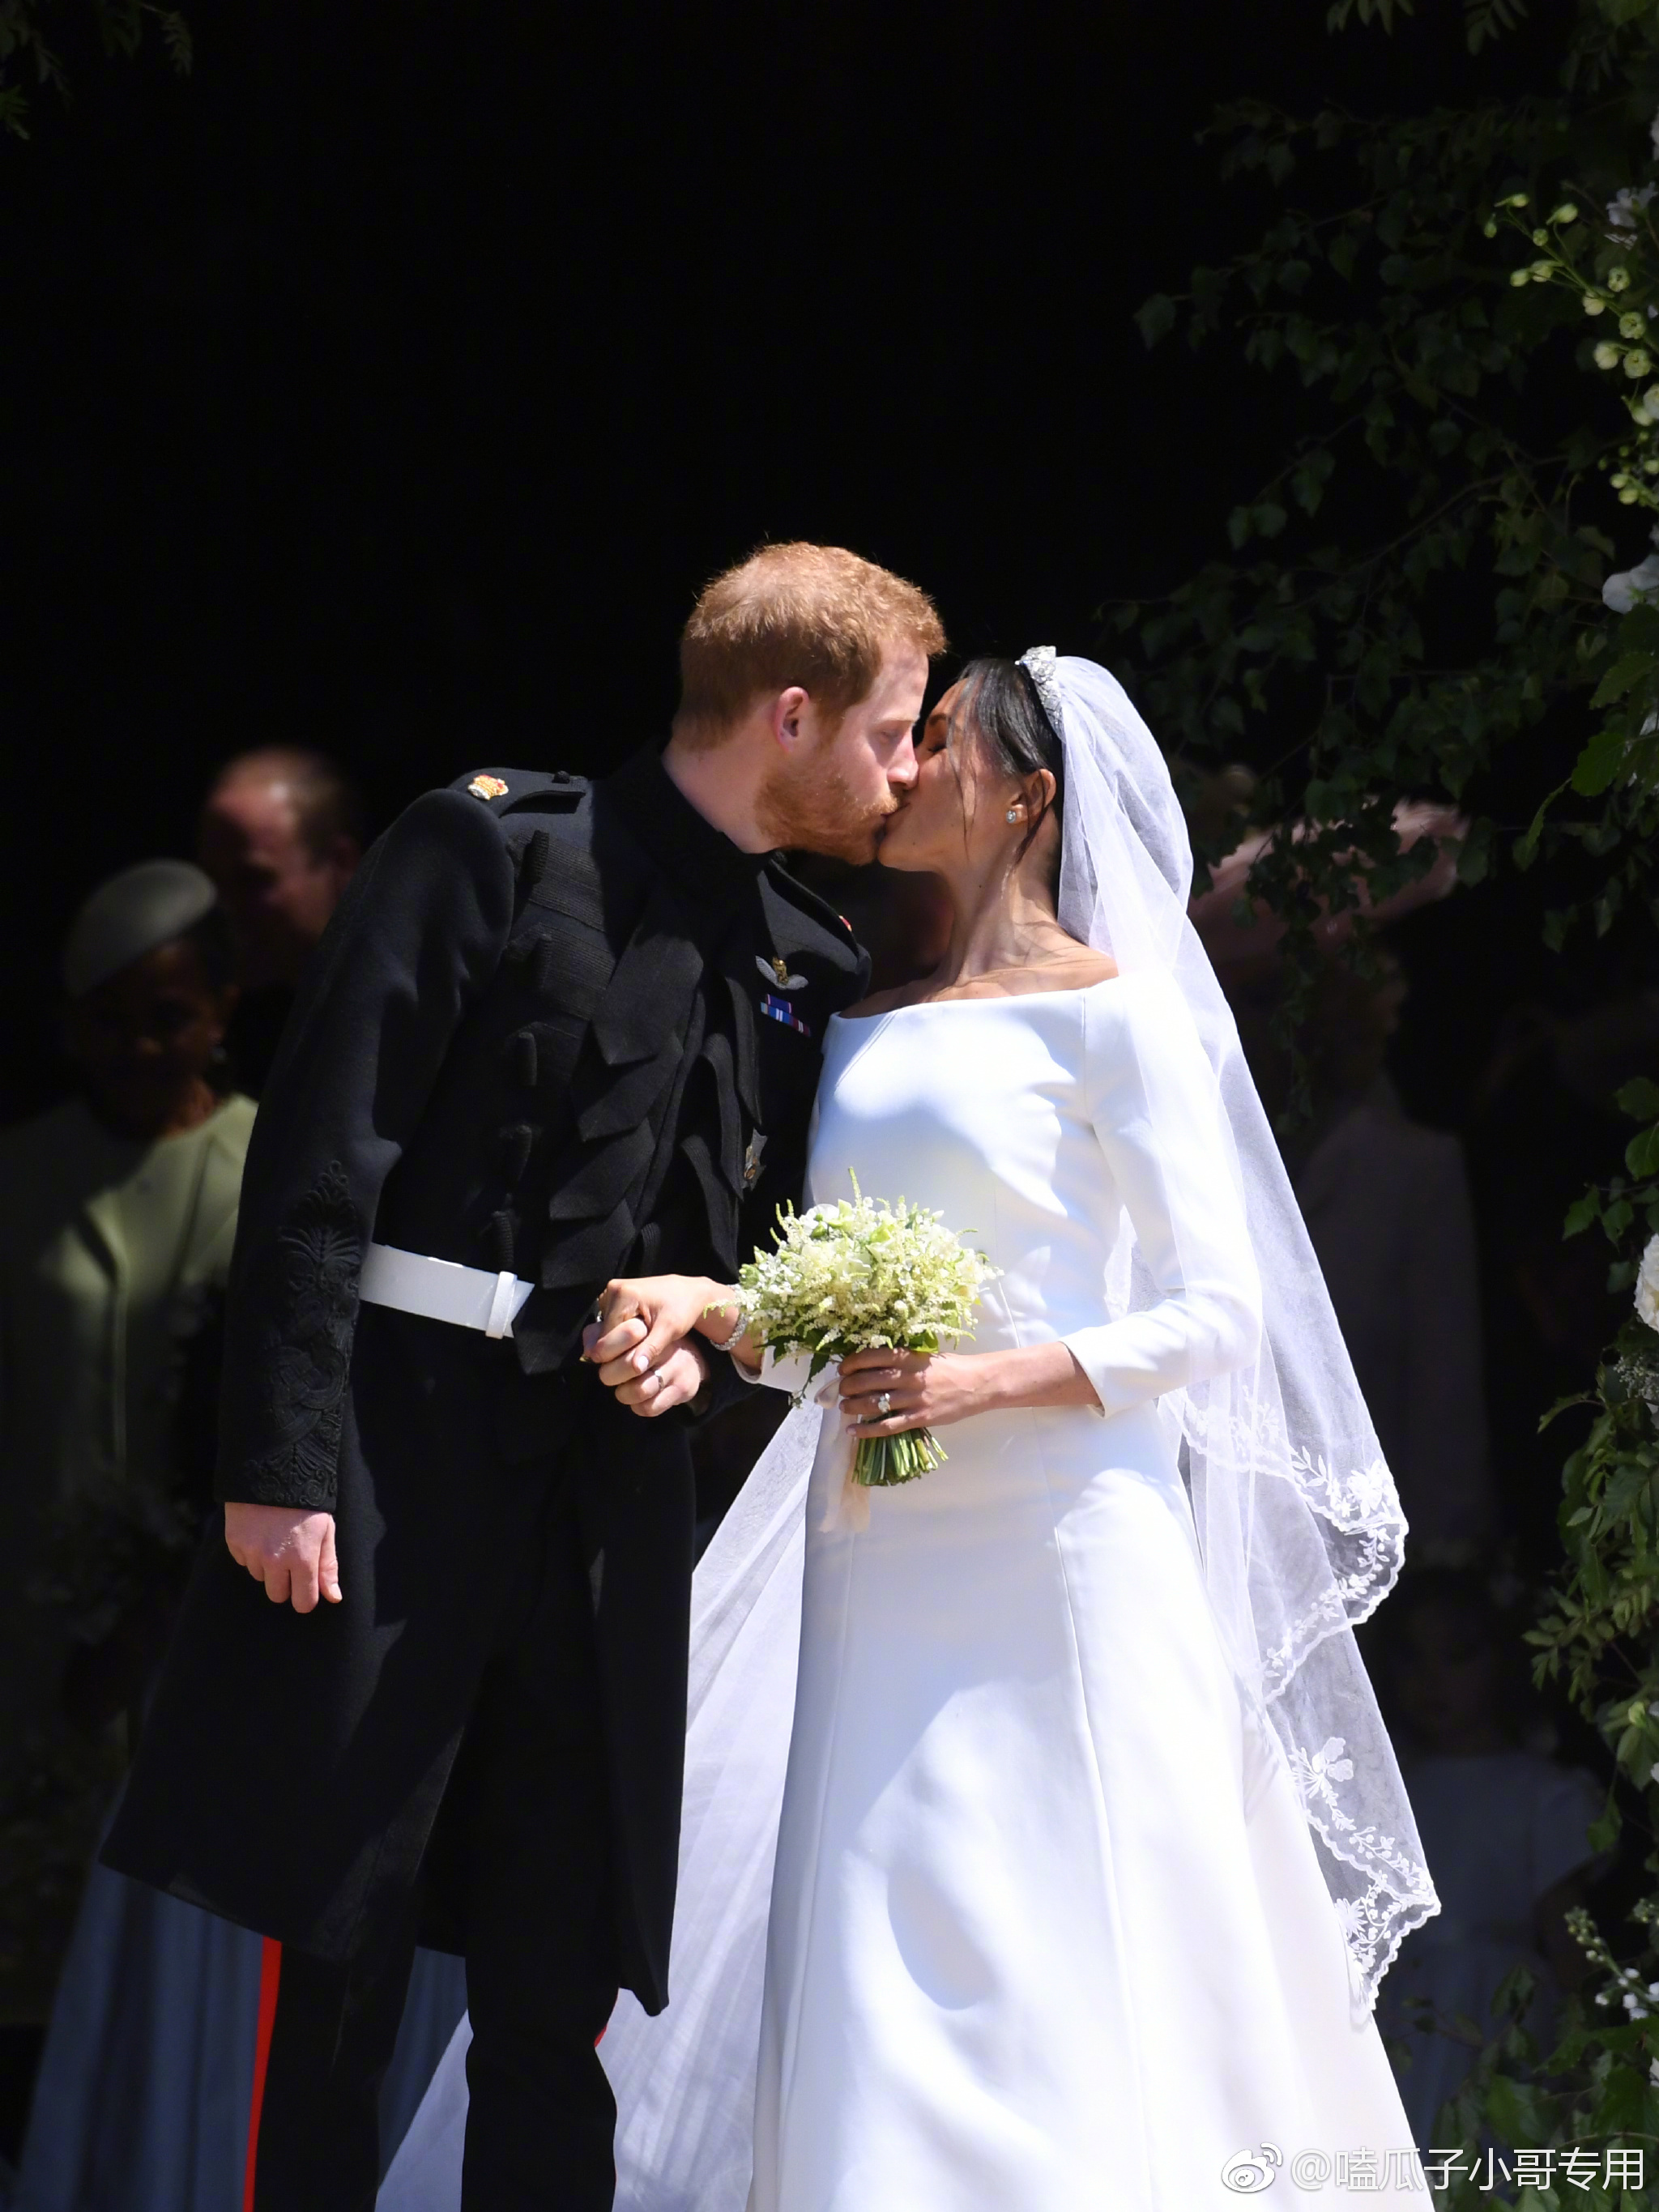 英国戴安娜王妃的小儿子哈里王子今天结婚,婚礼现场的